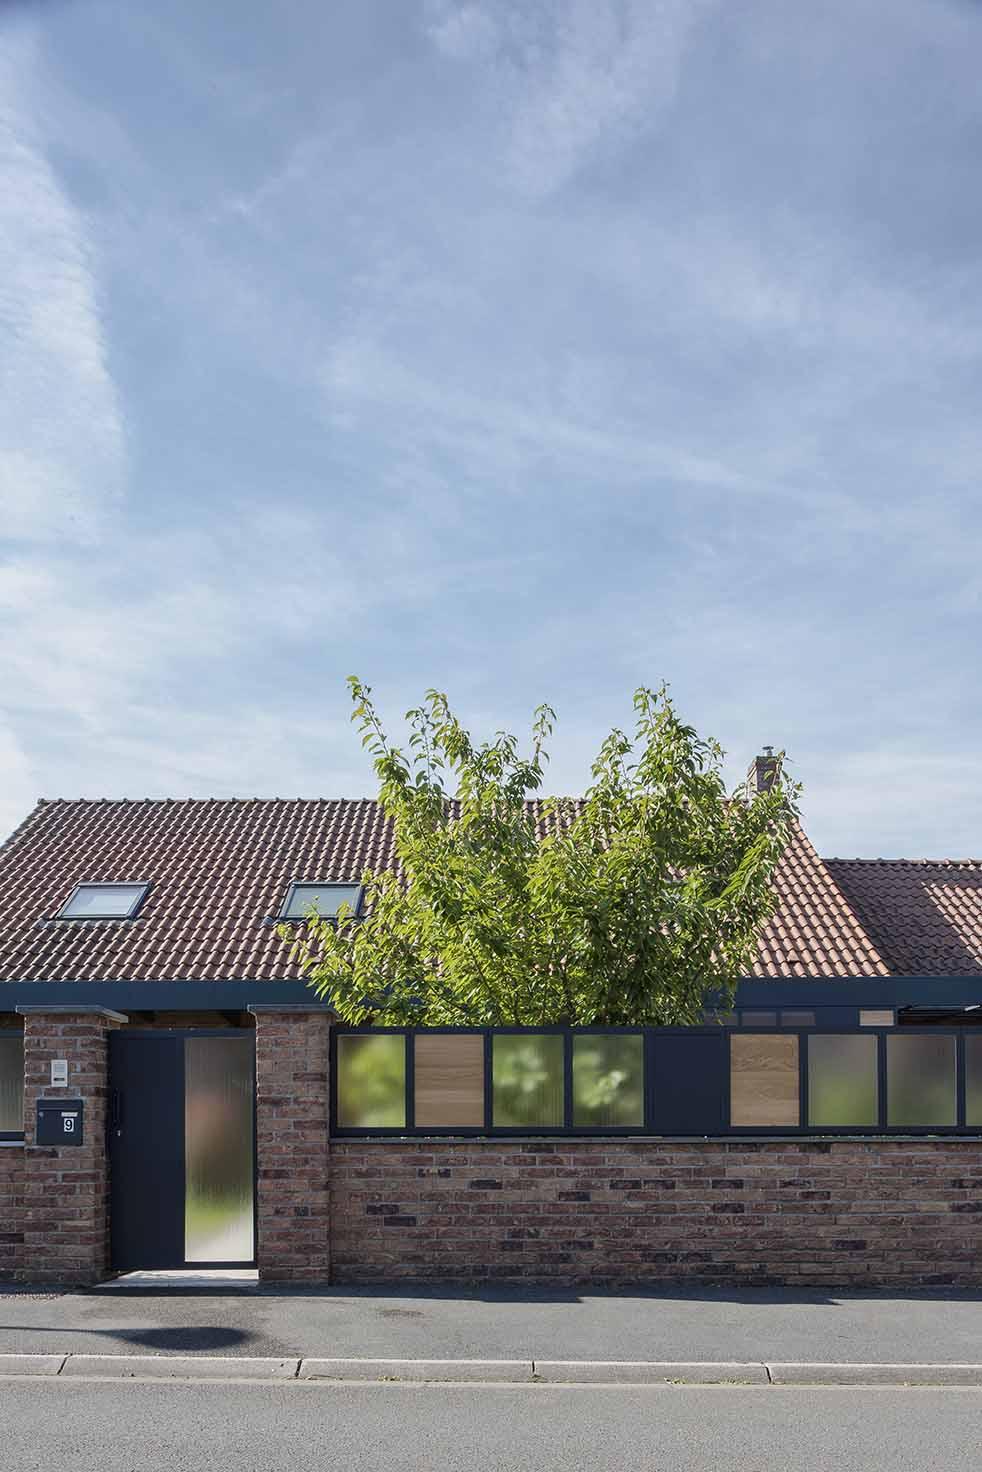 architecte lille PLUX loft industriel  entrepot poutre métal nord atelier brut verriere carport pergola chene coursive gris anthracite pavillon maison brique